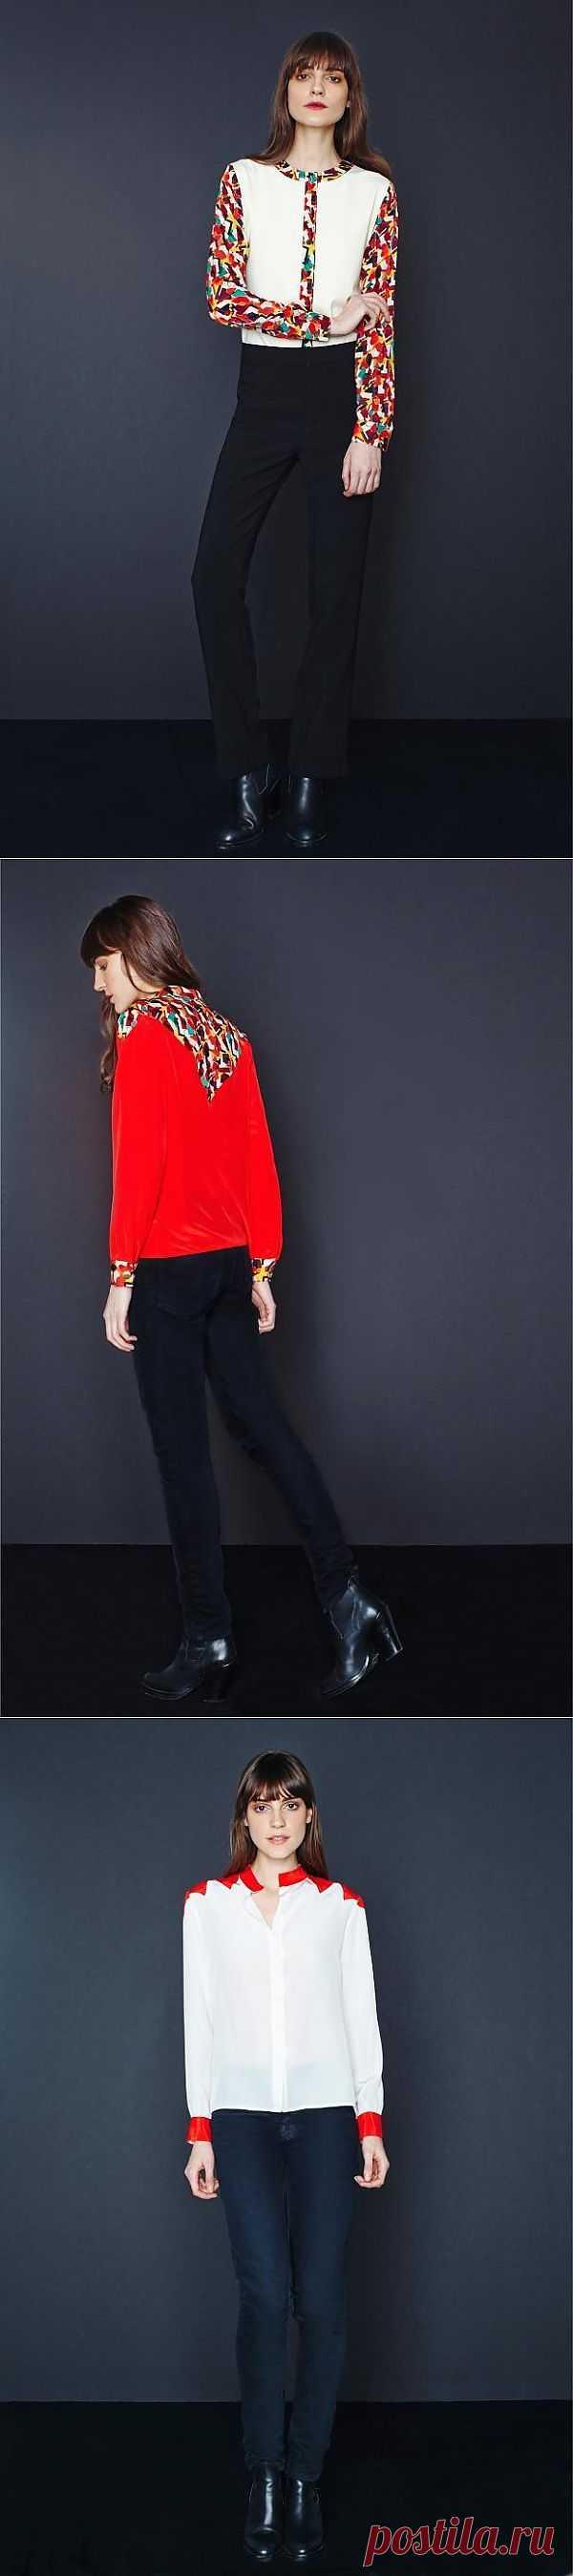 Три блузки из лукбука Tucker / Блузки / Модный сайт о стильной переделке одежды и интерьера